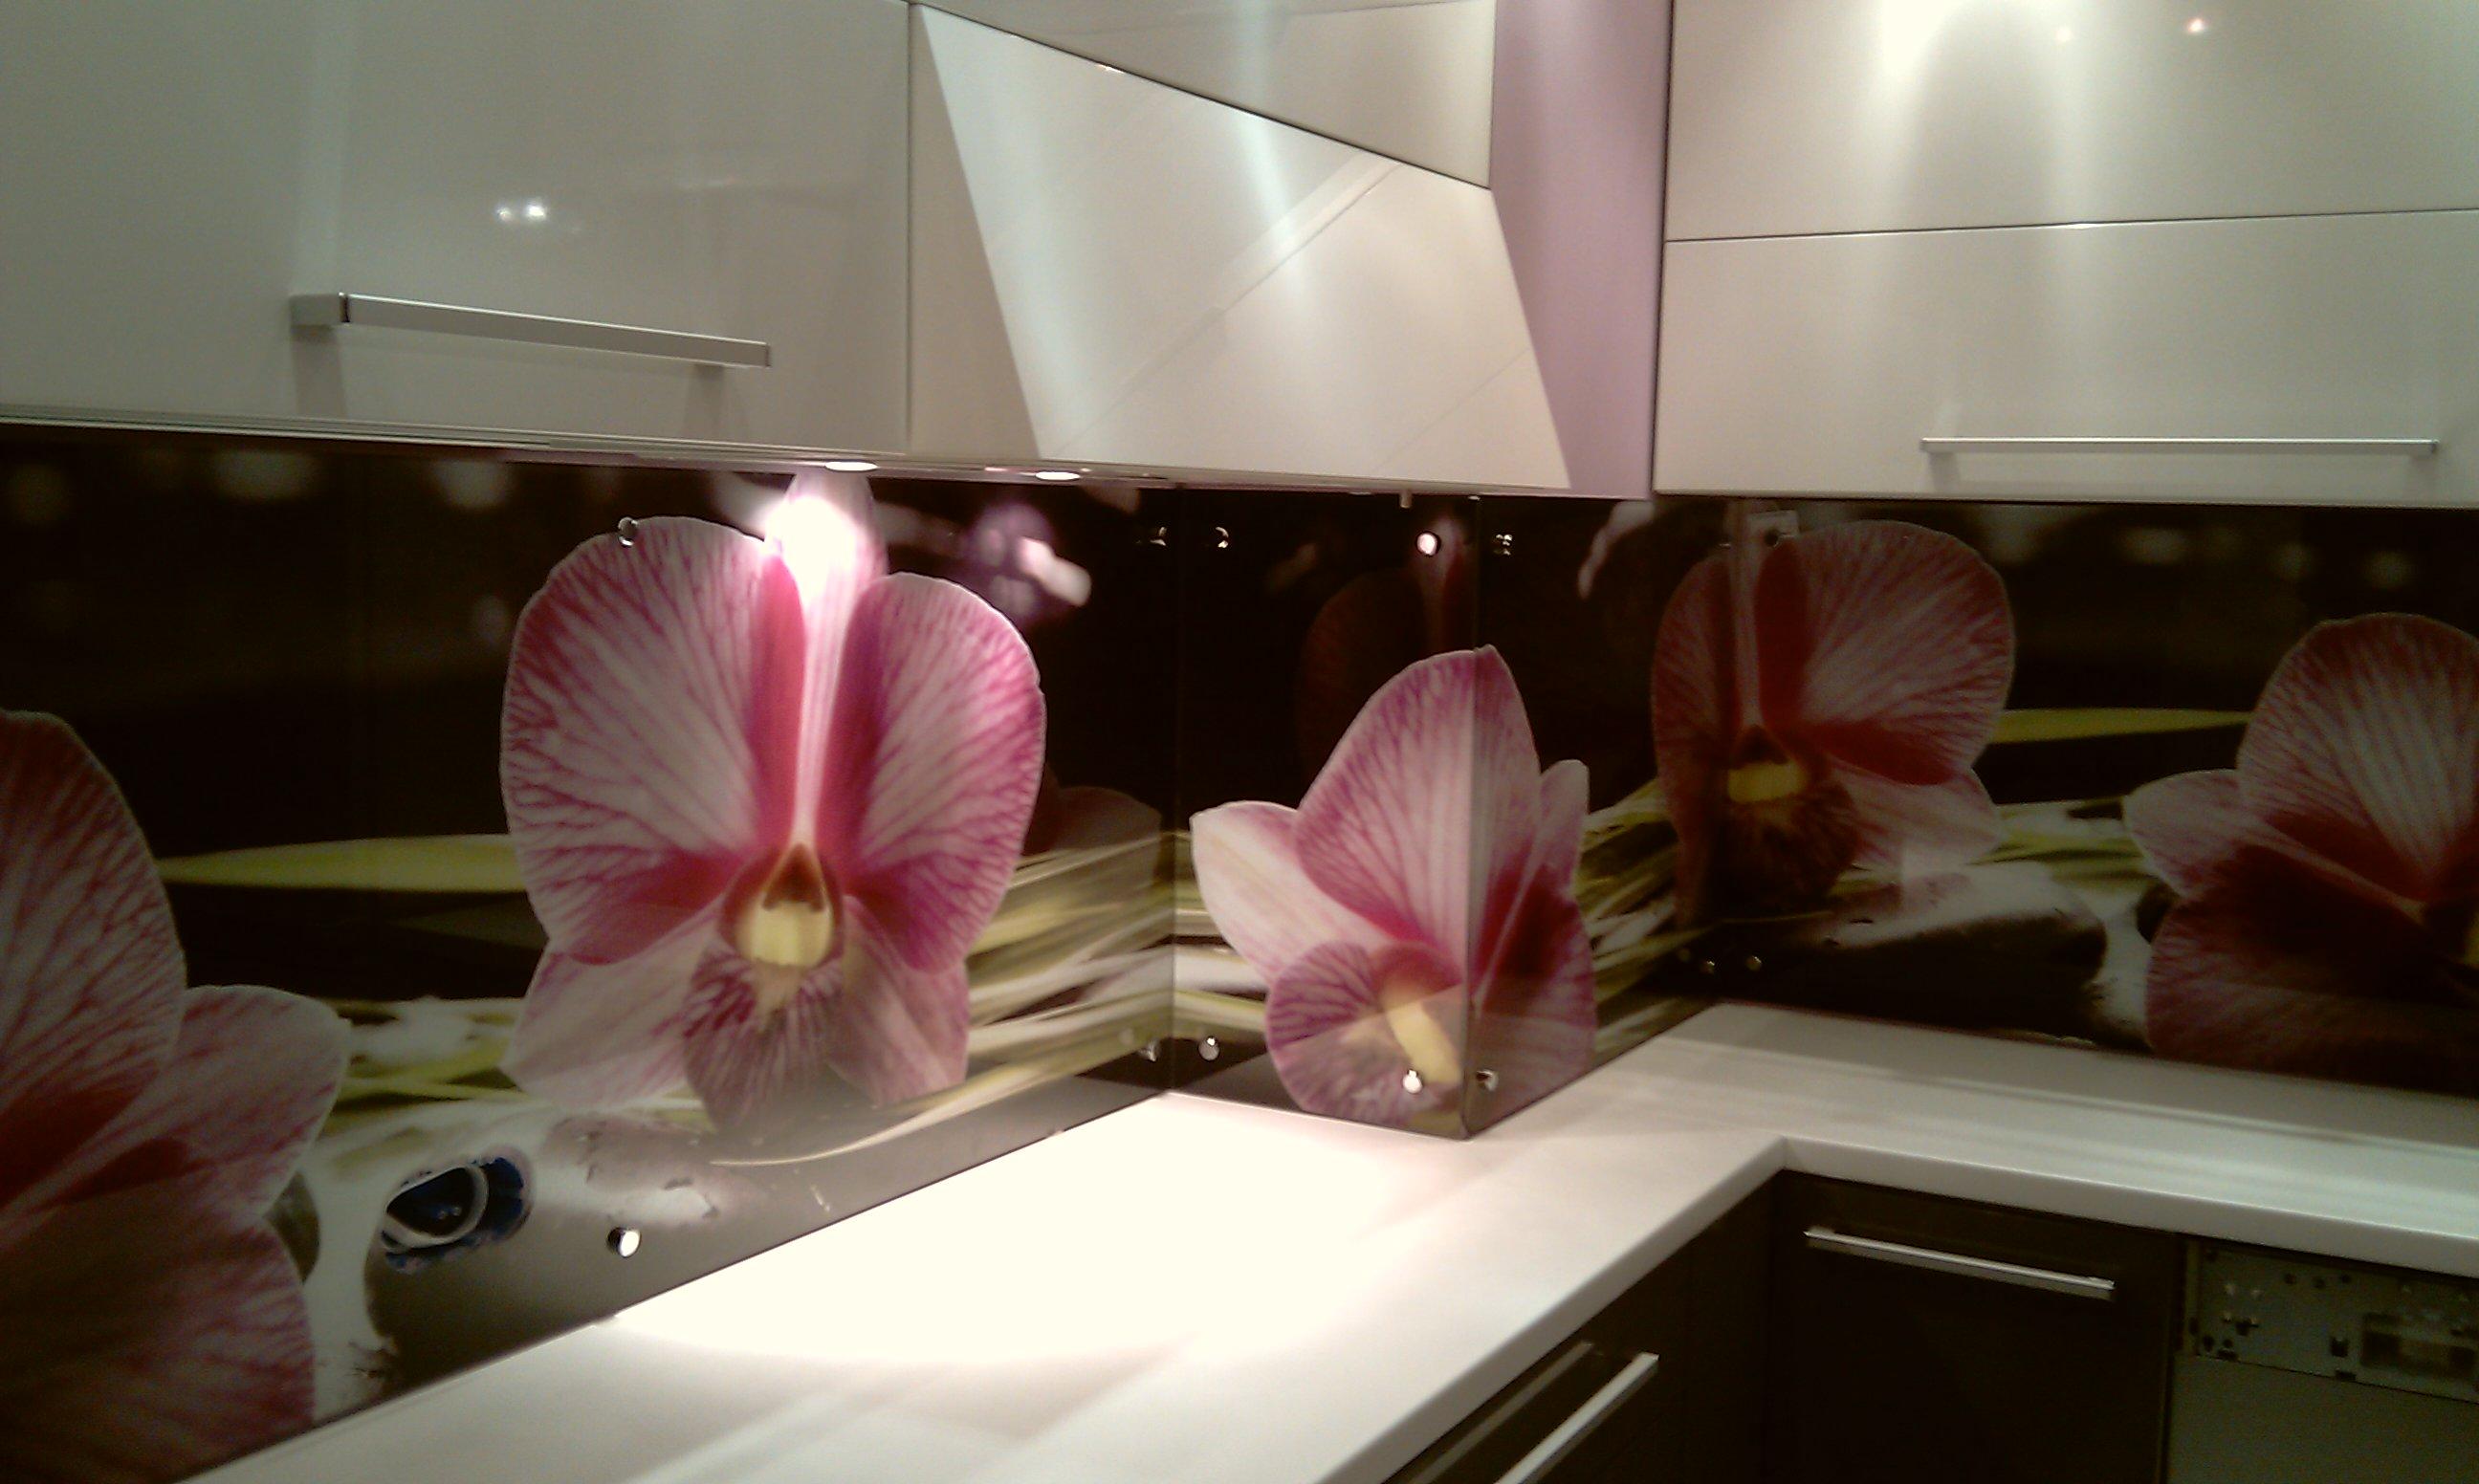 купить фартук для кухни с фотопечатью на стекле в севастополе